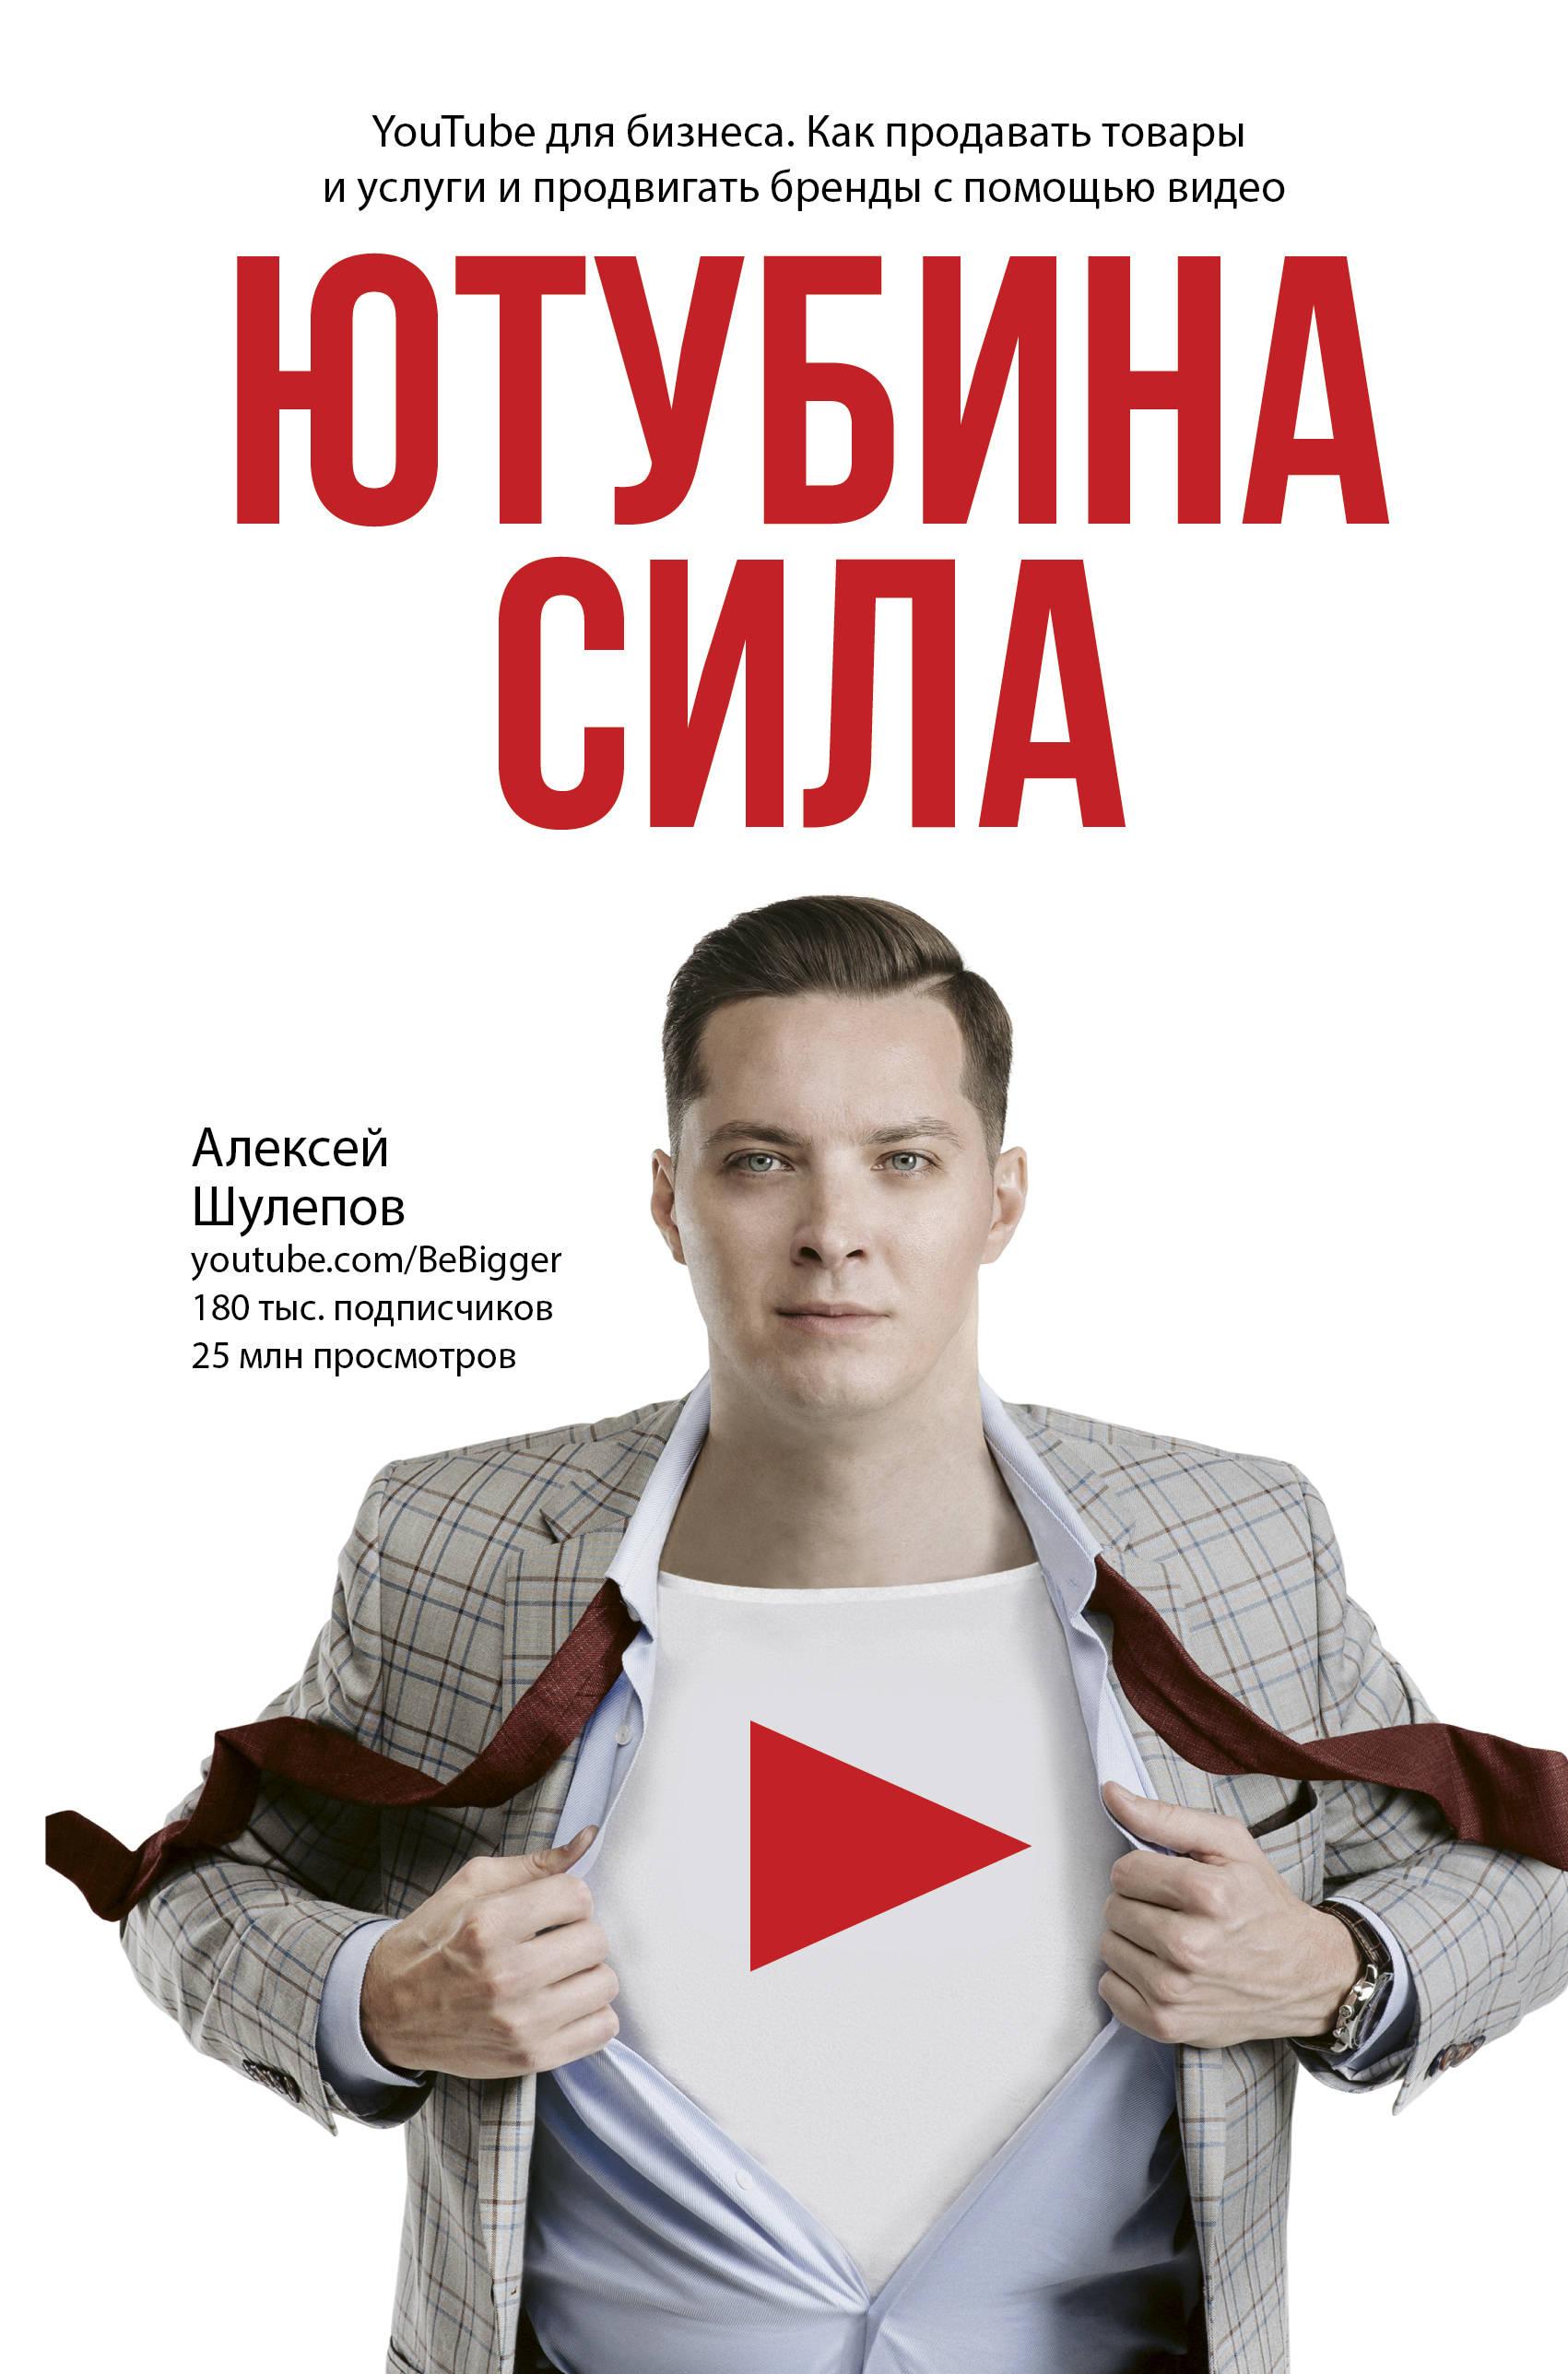 Ютубина Сила. YouTube для бизнеса. Как продавать товары и услуги и продвигать бренды с помощью видео